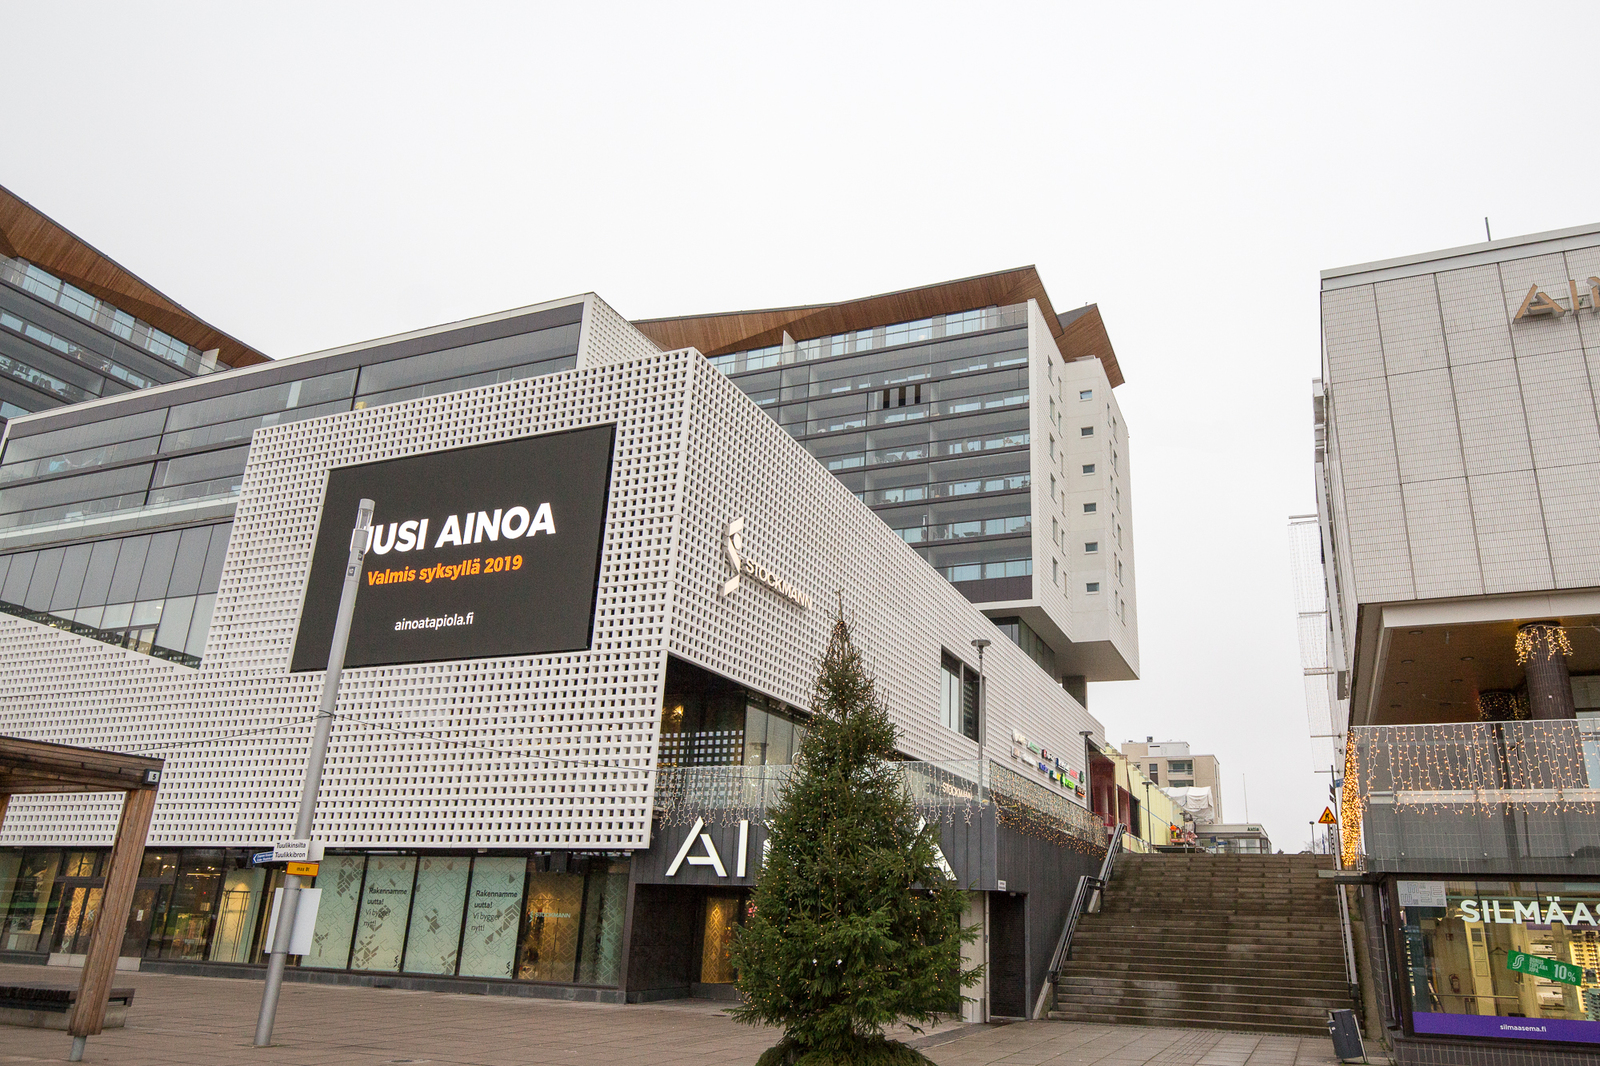 Kauppakeskus AINOA on Kirjokannen alakerrassa. title=